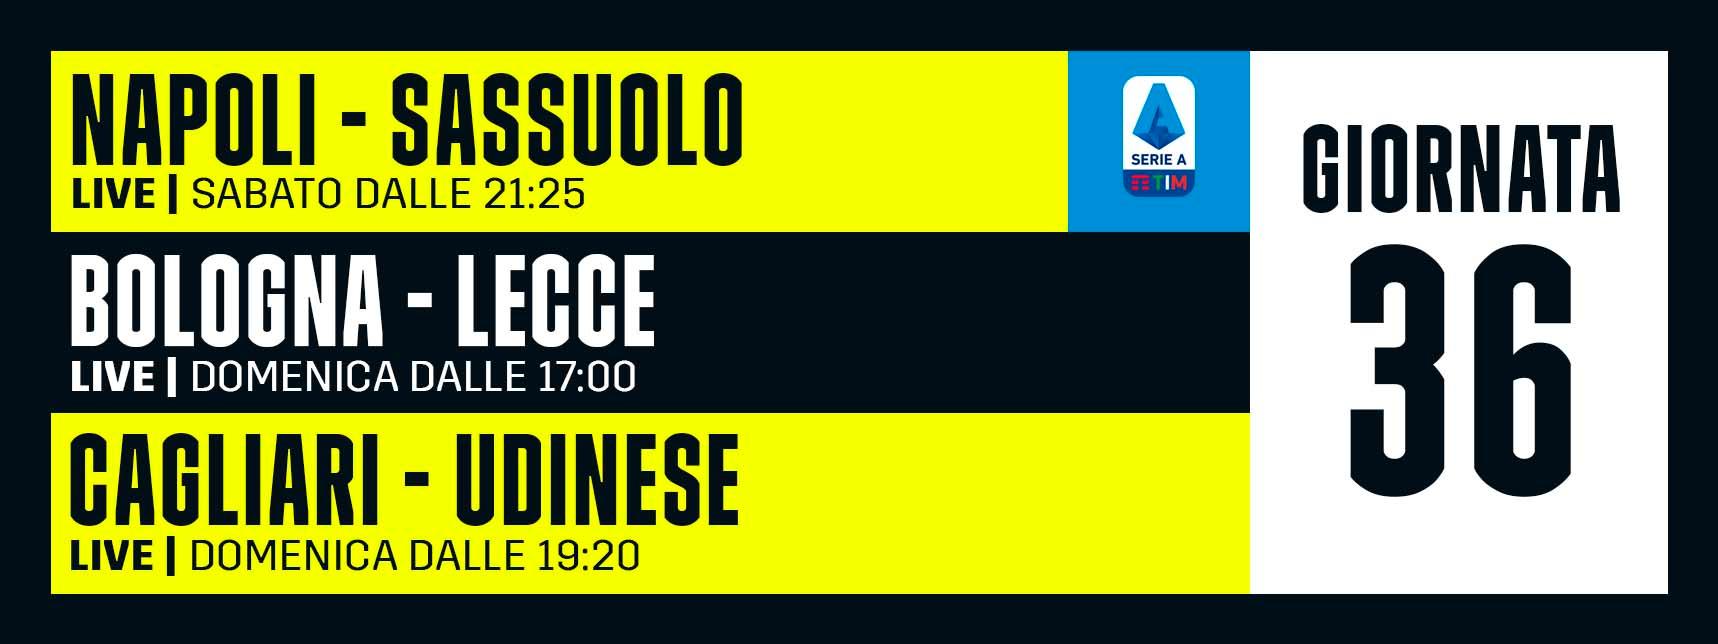 DAZN Serie A 36 Giornata, Diretta Esclusiva   Palinsesto e Telecronisti (Sky 209)